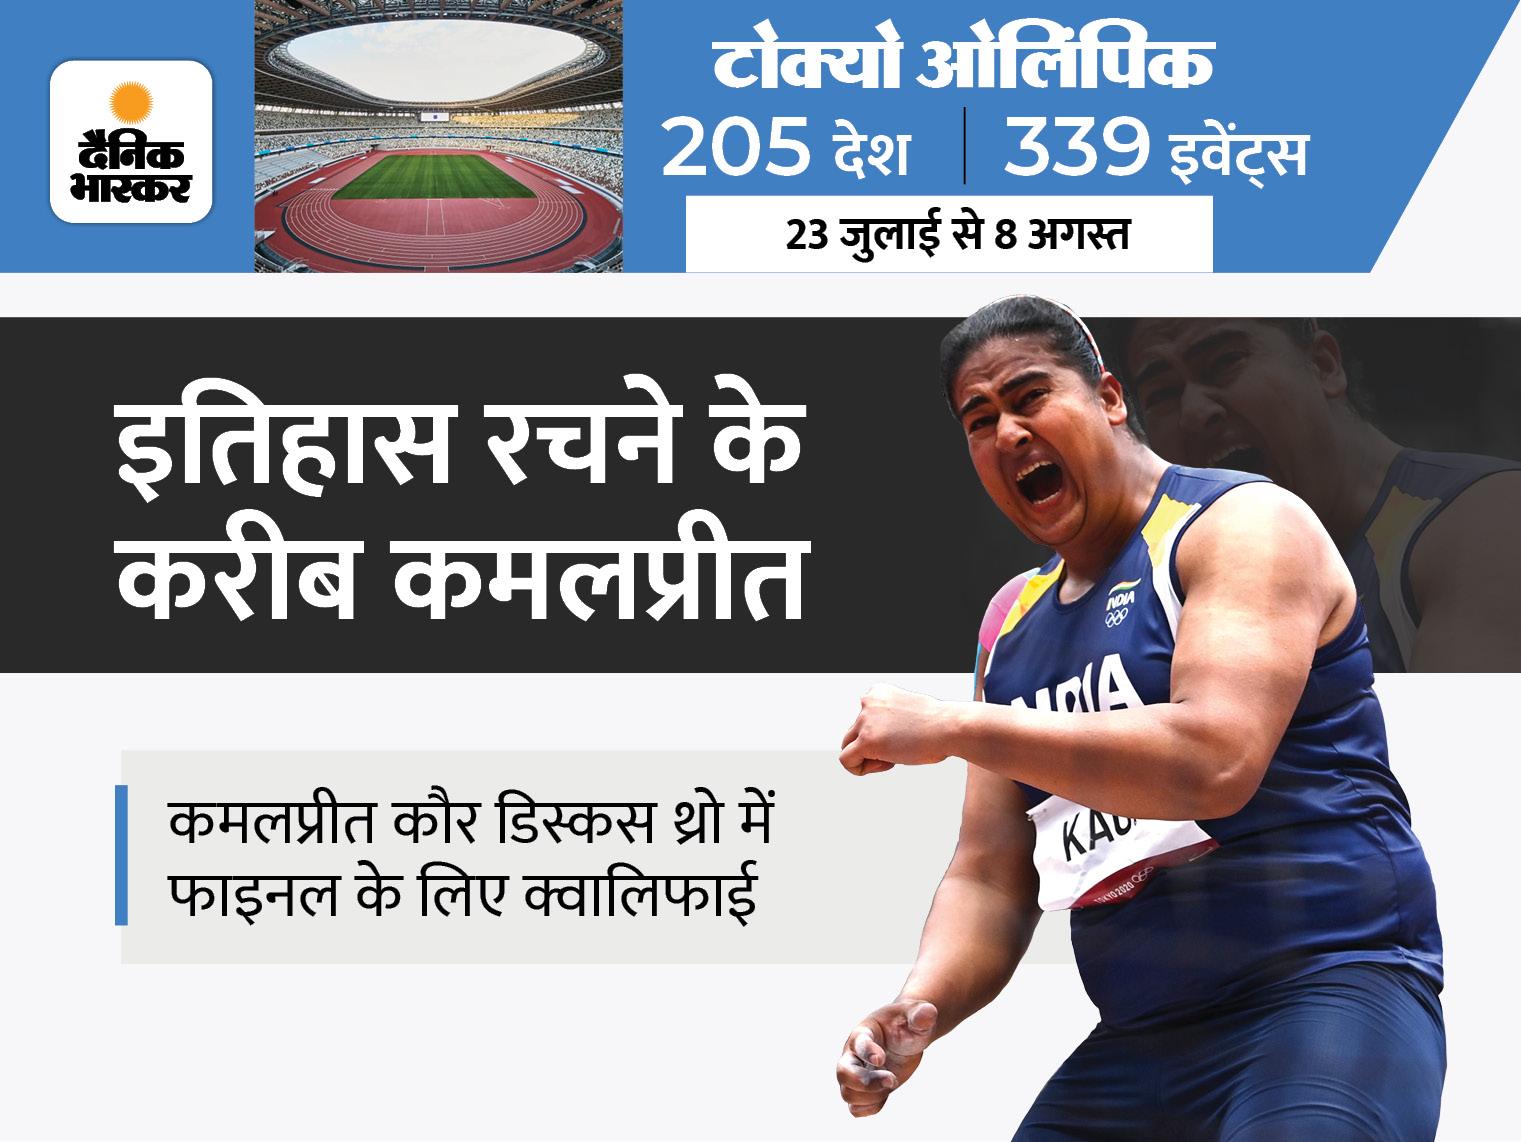 भारतीय डिस्कस थ्रोअर ने वीडियो कॉल के जरिए आज निजी कोच के साथ ट्रेंनिग की; कल फाइनल में उतरेंगी कमल|टोक्यो ओलिंपिक,Tokyo Olympics - Dainik Bhaskar